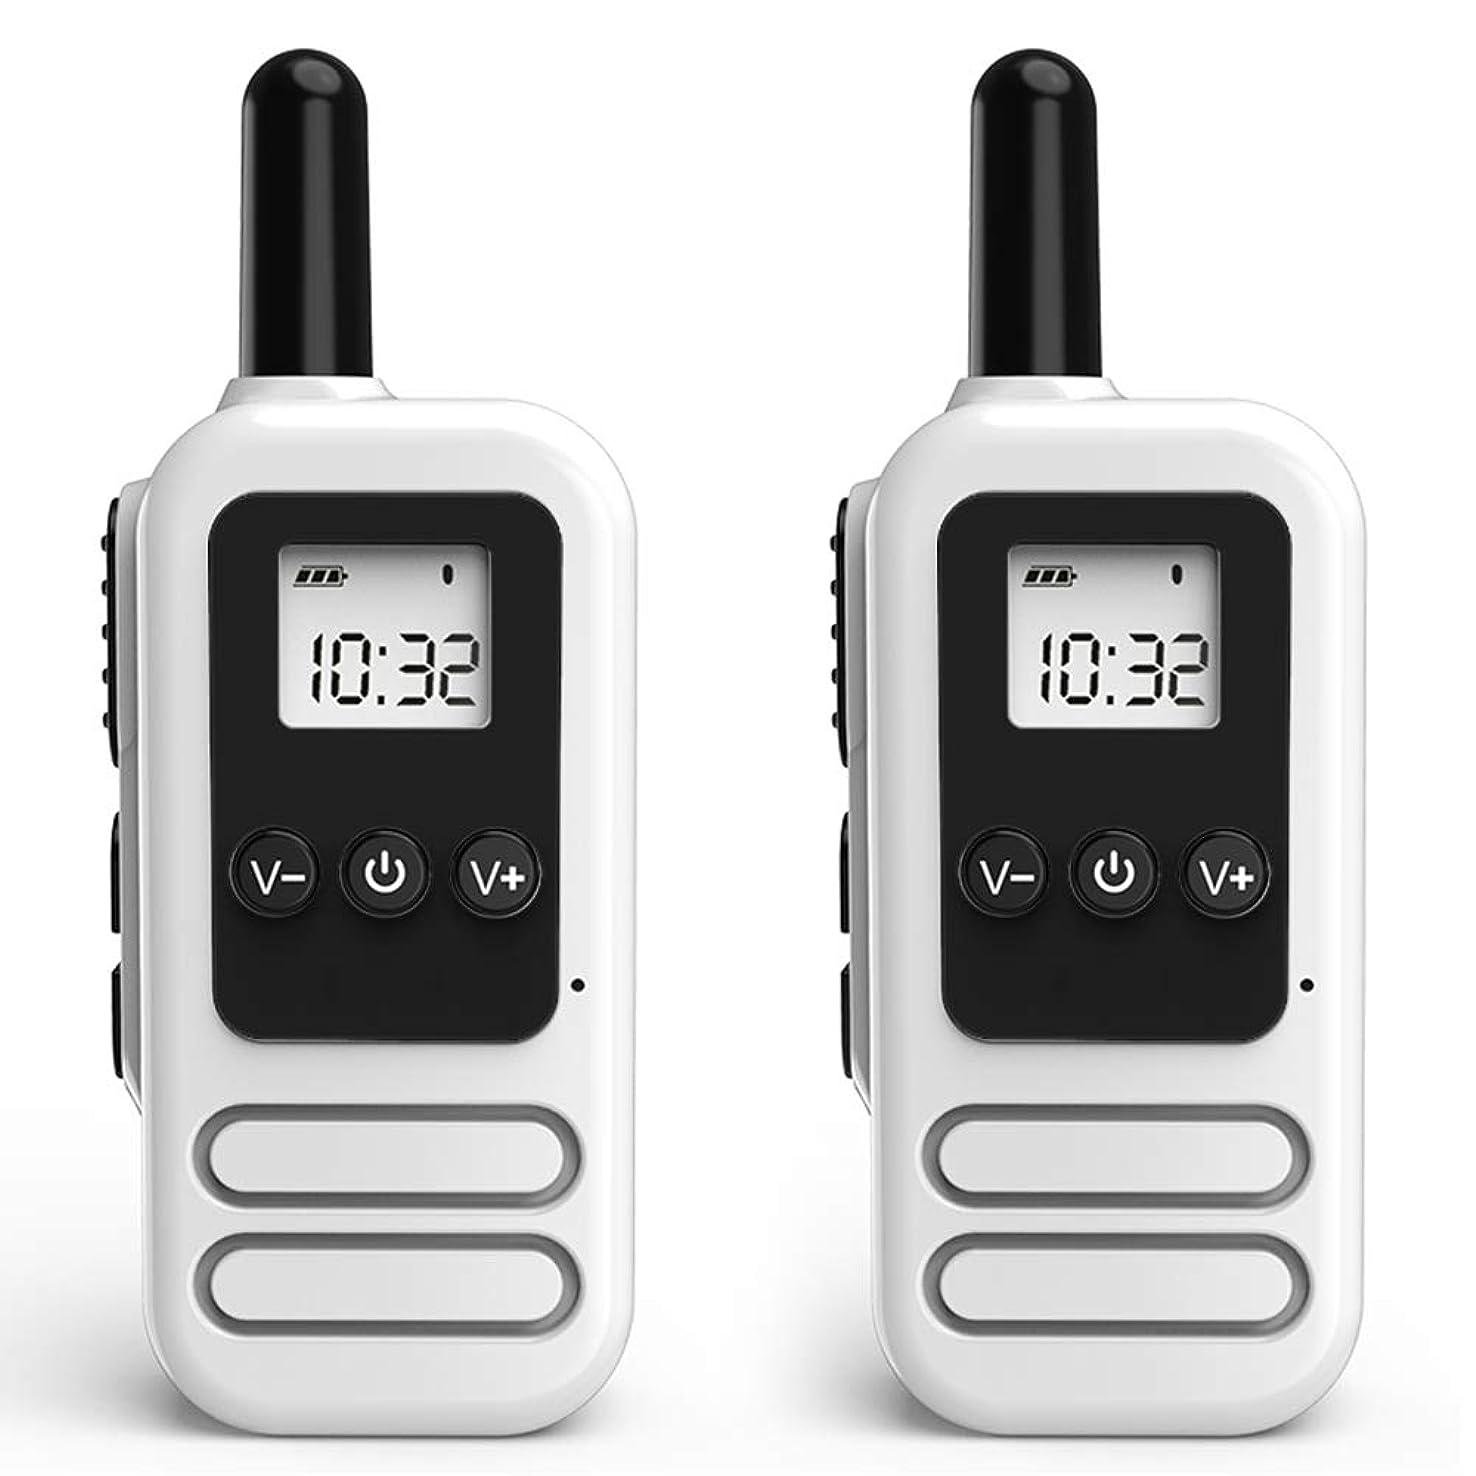 デンマーク語欠乏すべてトランシーバー 無線機 免許不要 特定小電力 超長距離タイプ 携帯型?簡単操作 C90 災害·地震 緊急対応 4台セット